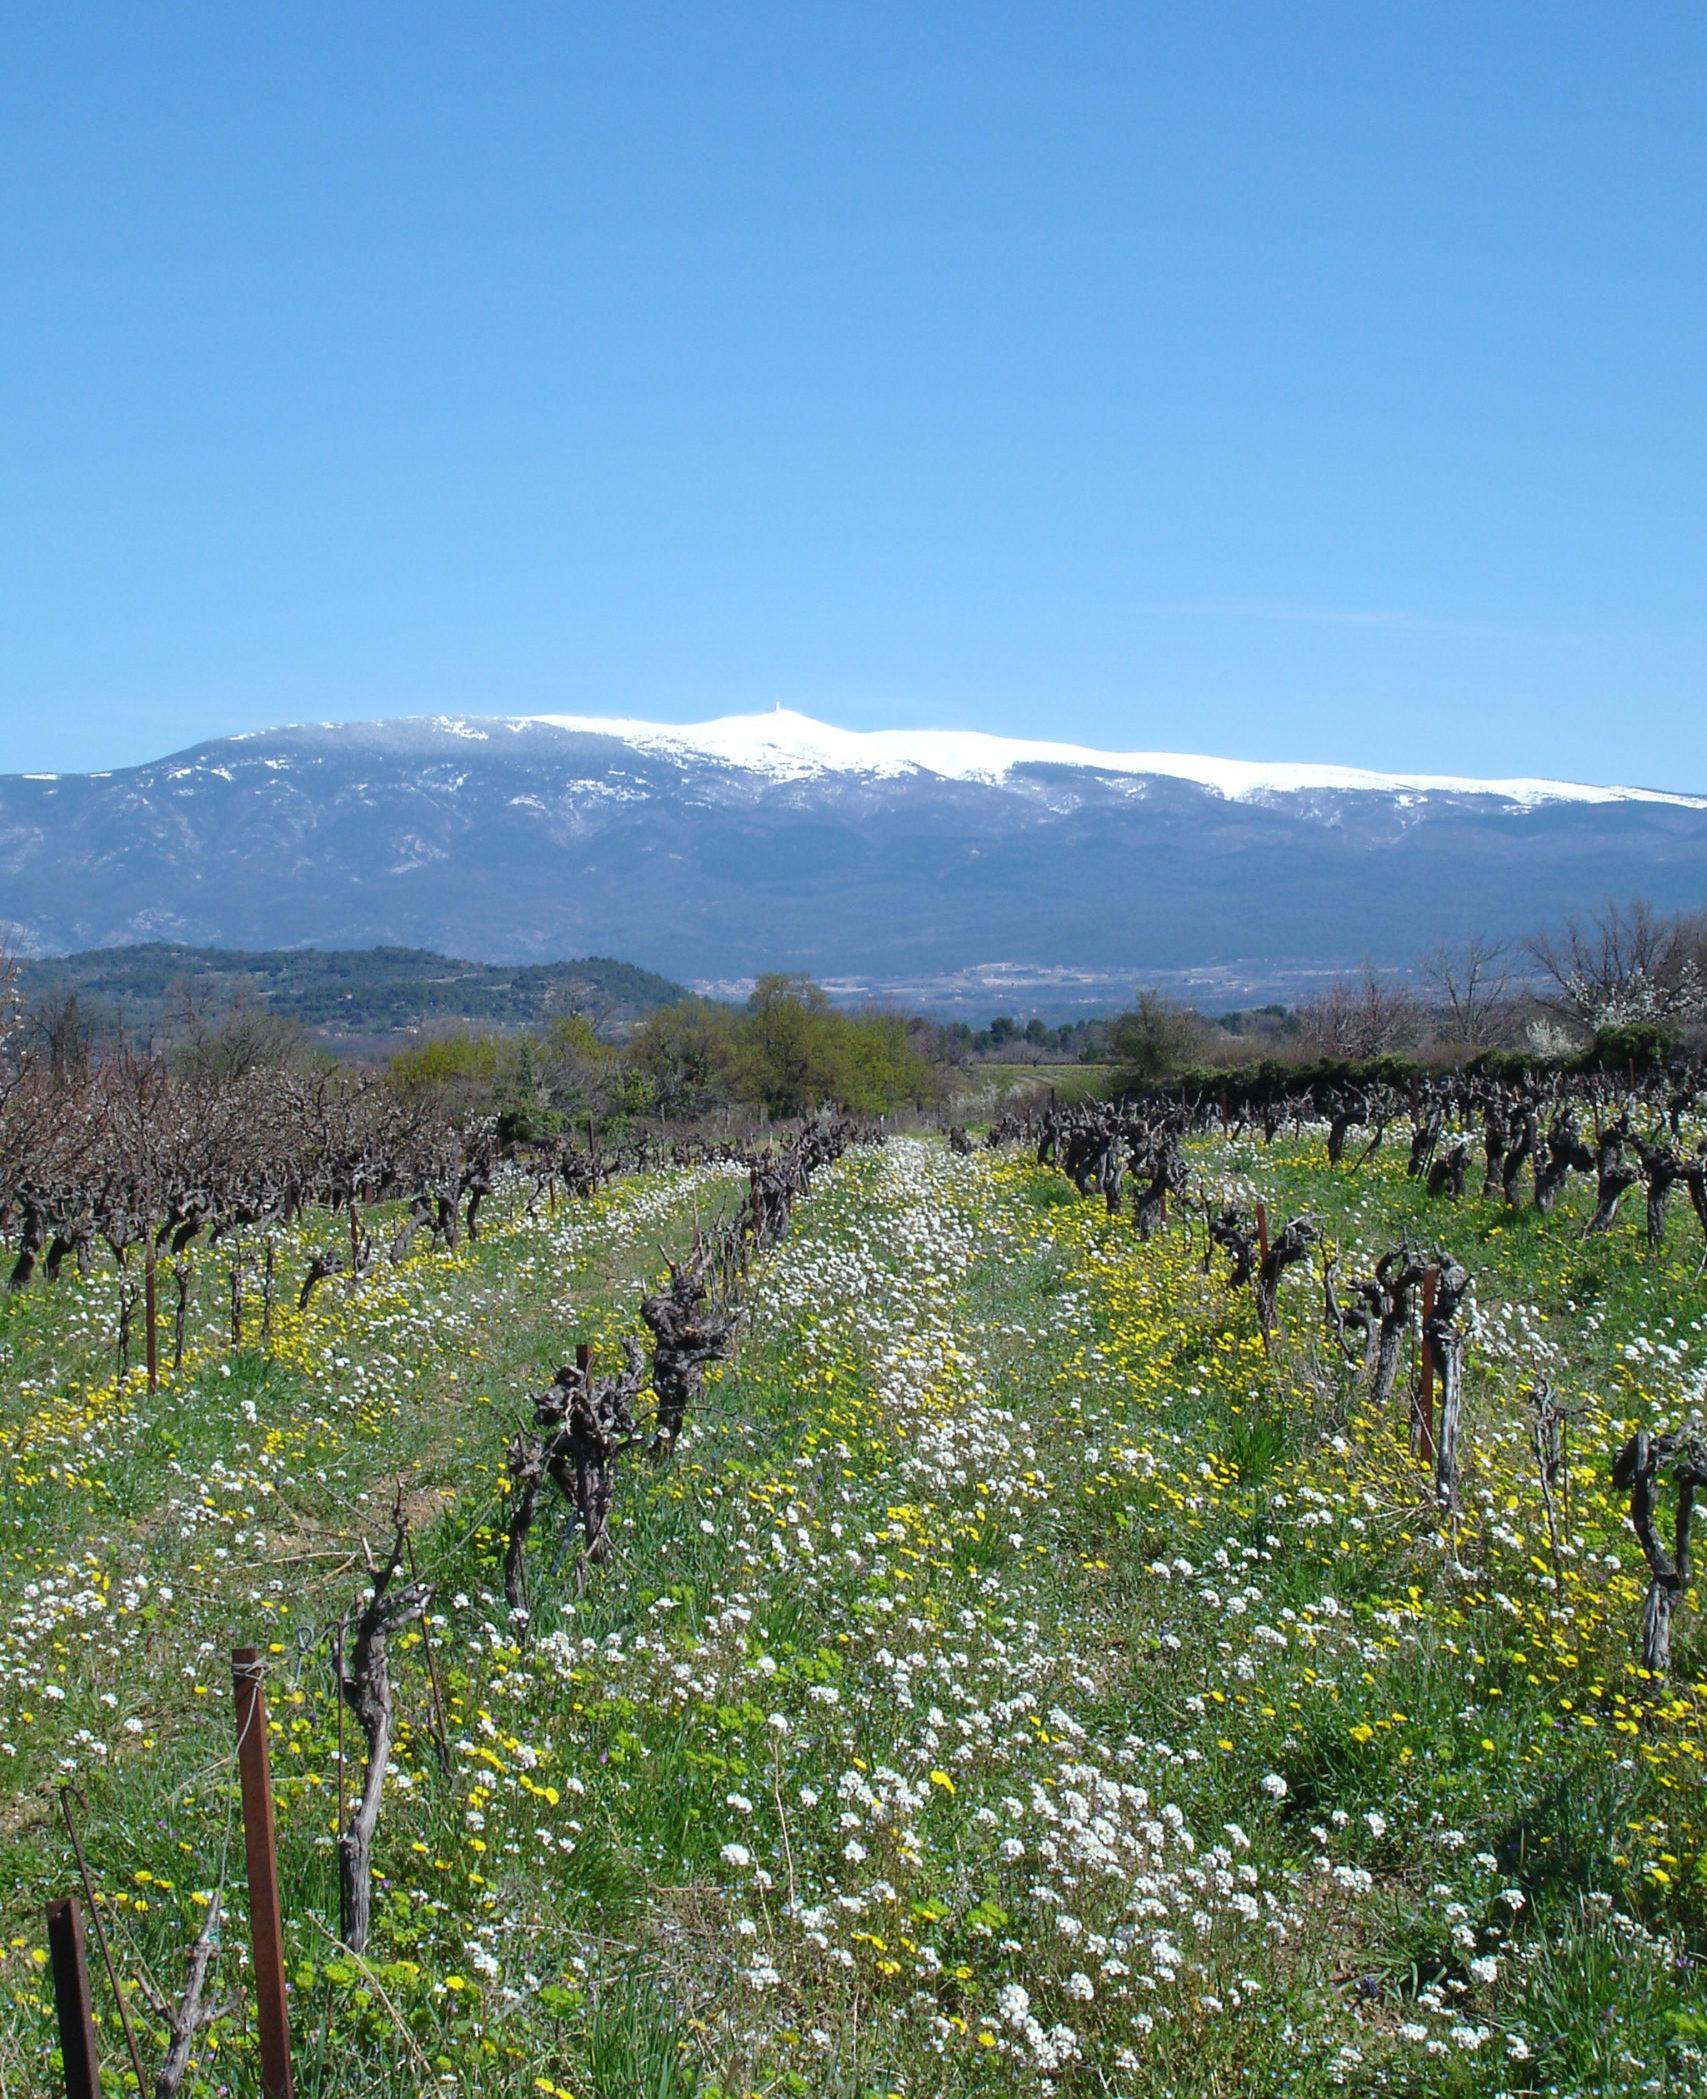 Mont ventoux paques 2010